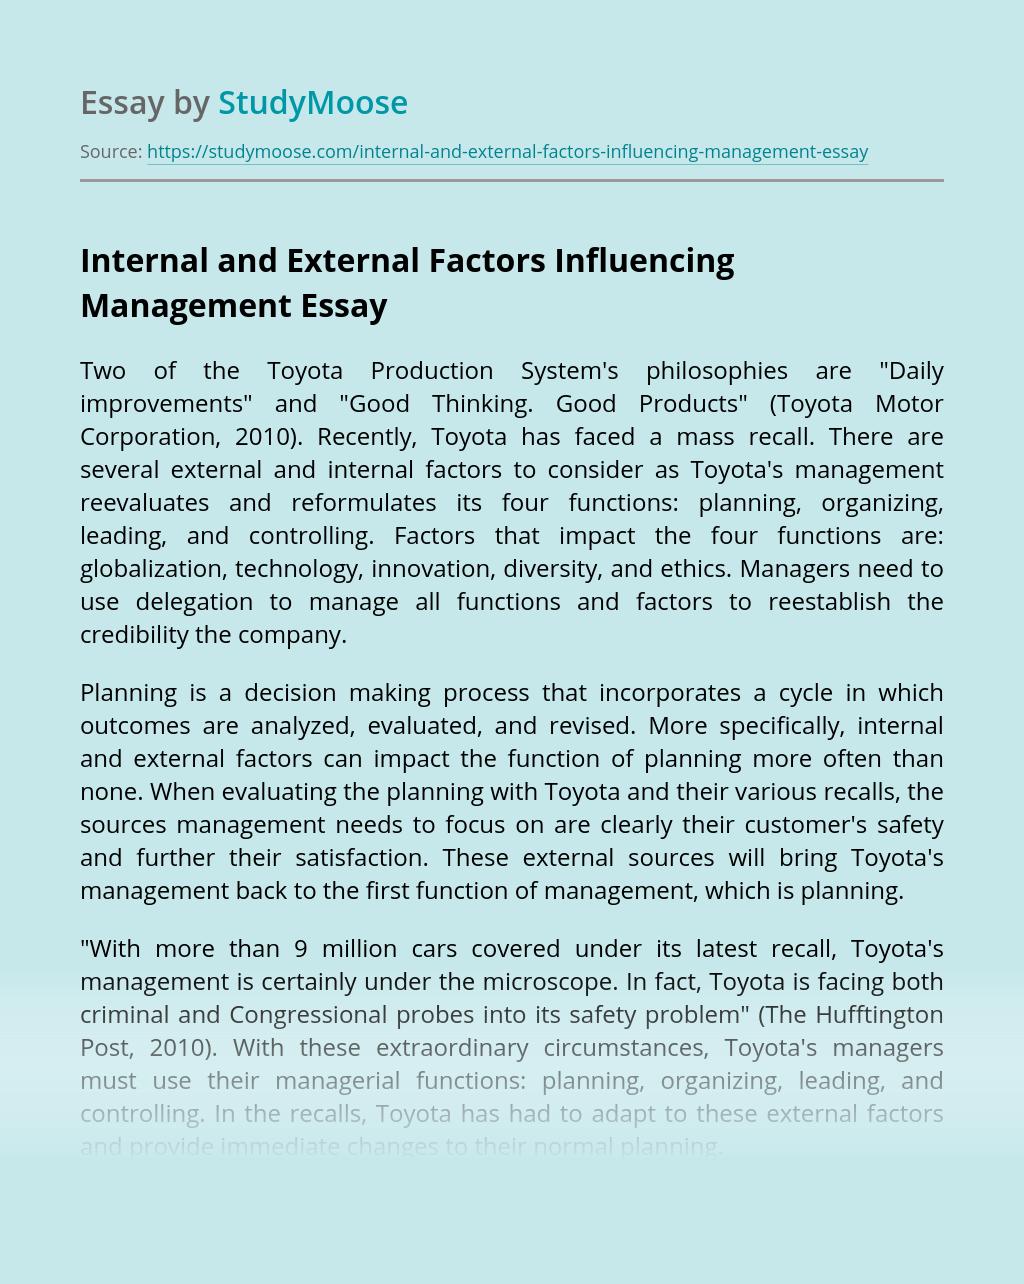 Internal and External Factors Influencing Management